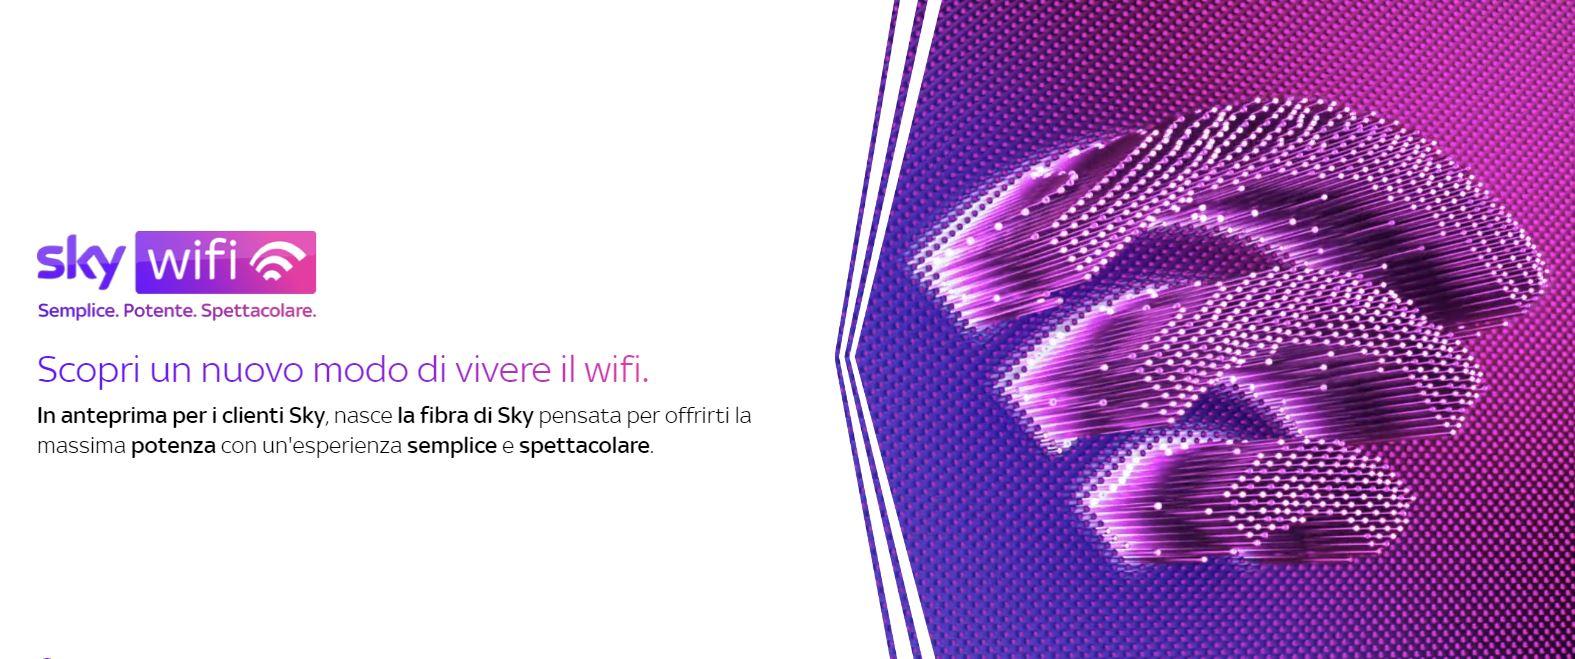 Sky WiFi, il colosso debutta nel settore della rete fissa: offerte e costi